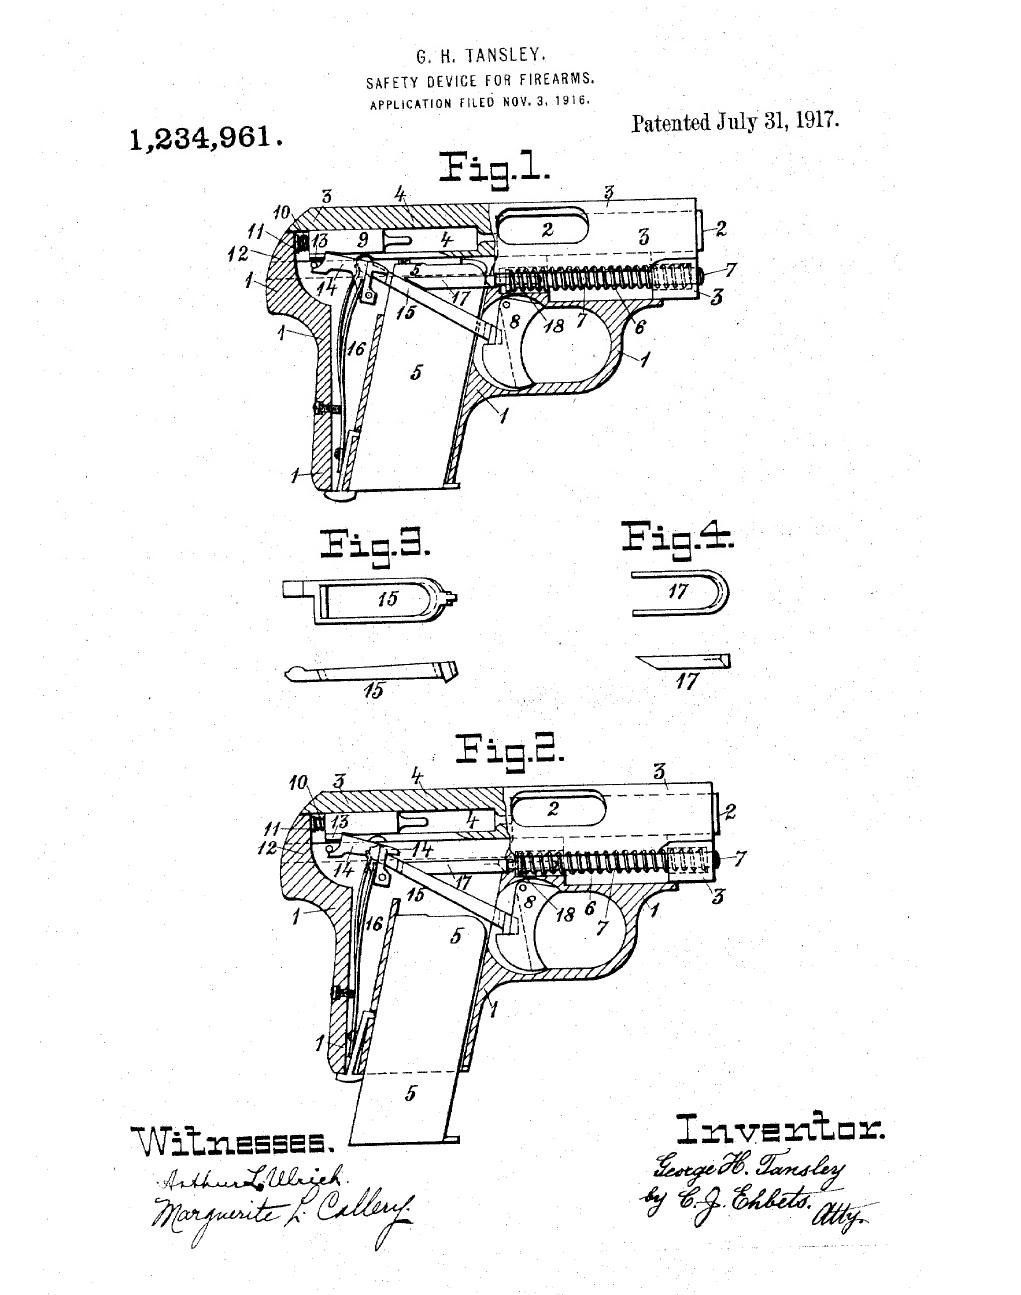 Патент на магазинный предохранитель пистолета Кольт 1908